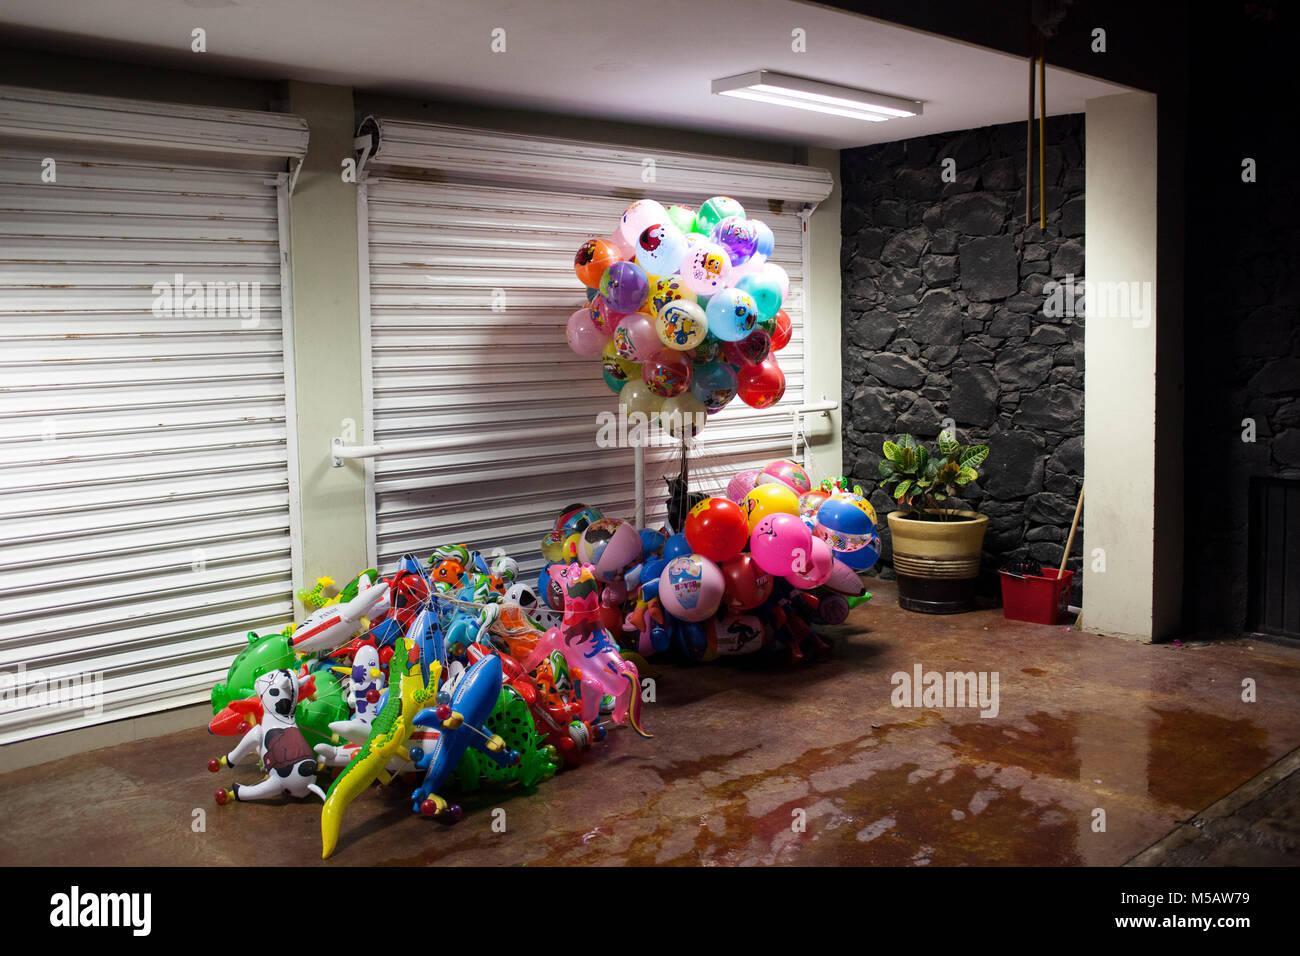 Palloncini di sedersi di fronte a chiusura negozio in Culiac‡n, Sinaloa, Messico giovedì, 16 luglio 2015. Sinaloa Immagini Stock